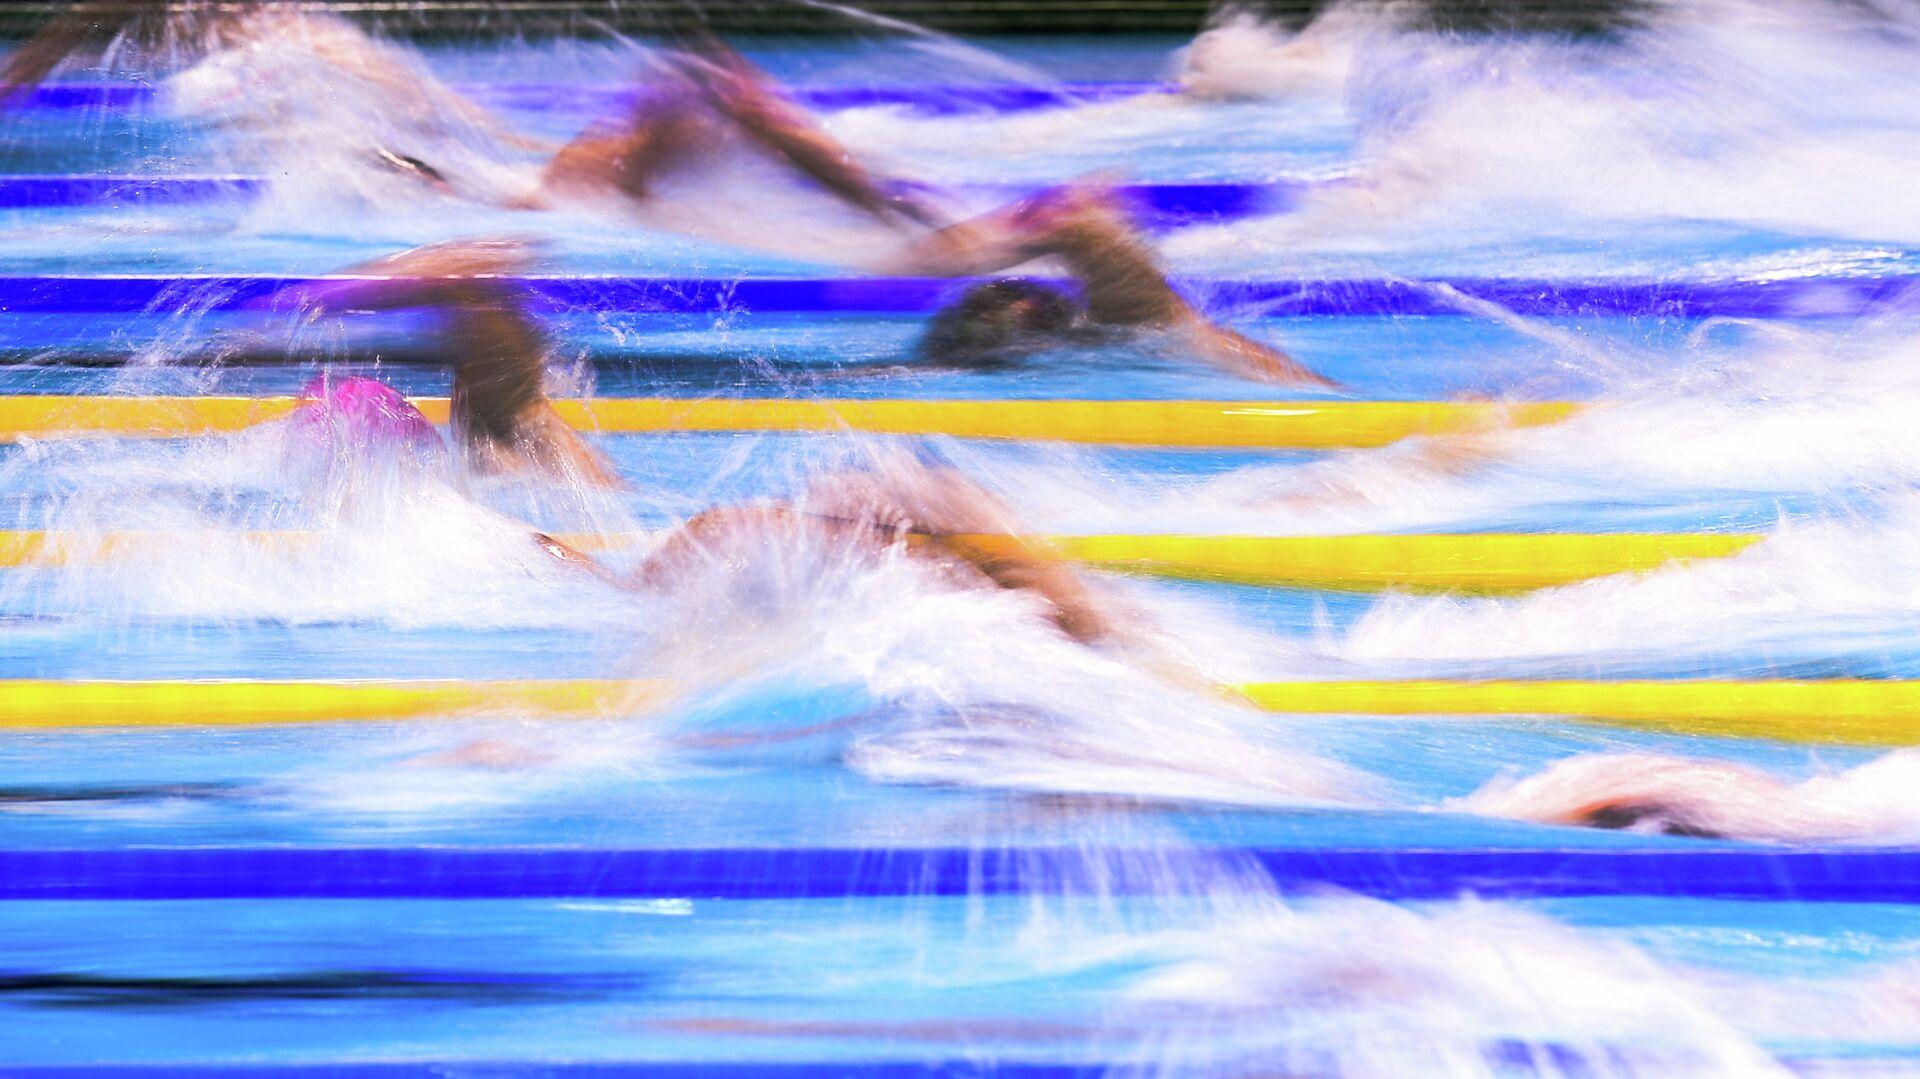 Чемпионат Европы по водным видам спорта - РИА Новости, 1920, 16.04.2021